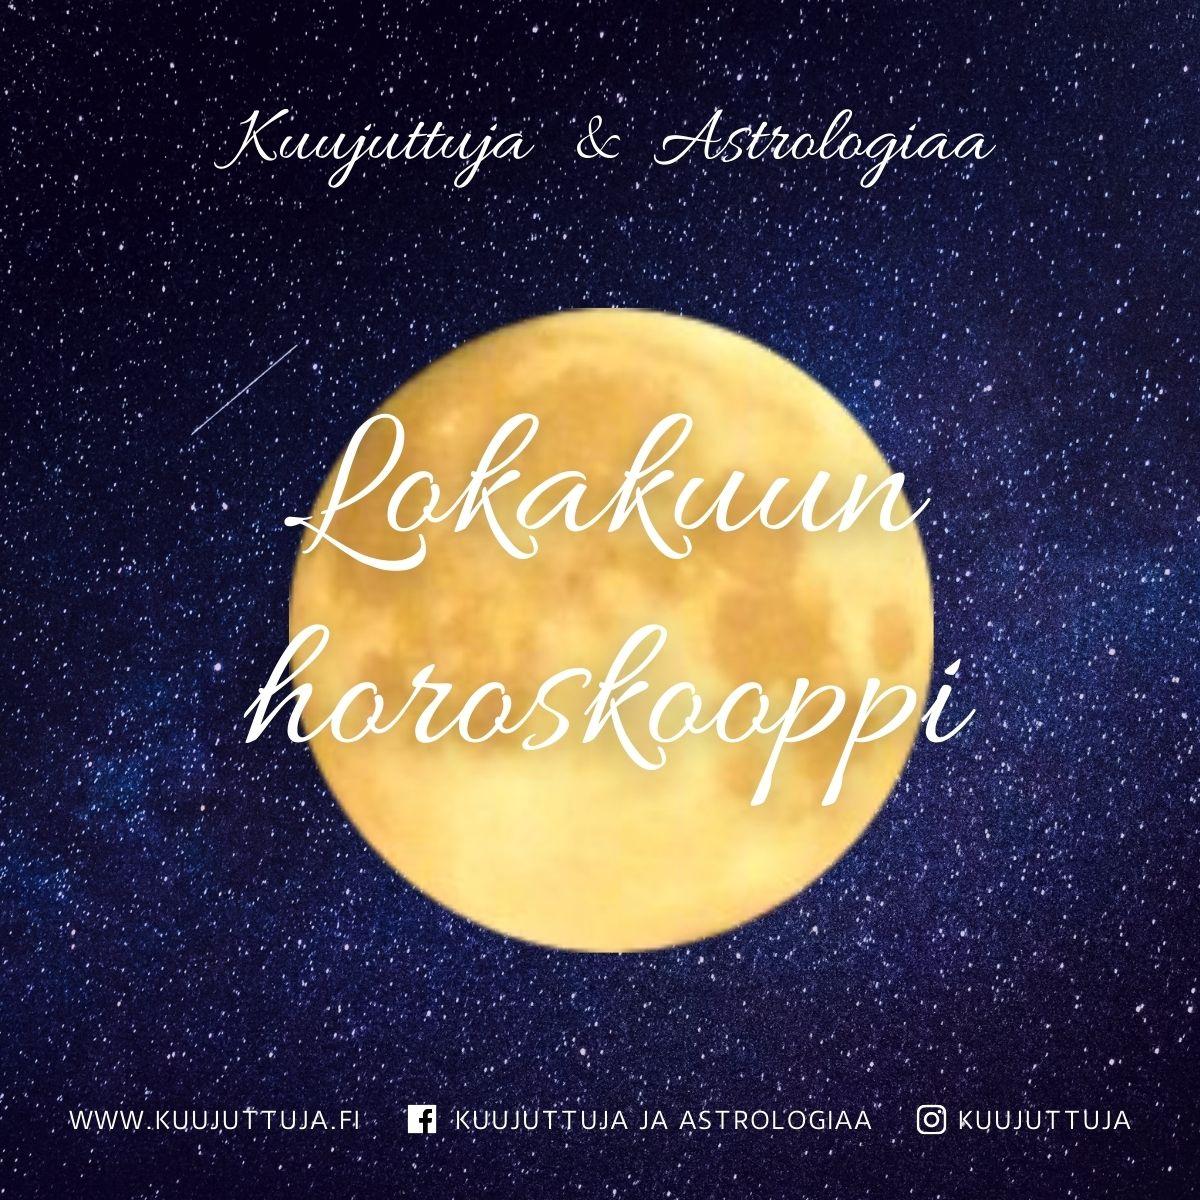 Horoskooppi Lokakuu